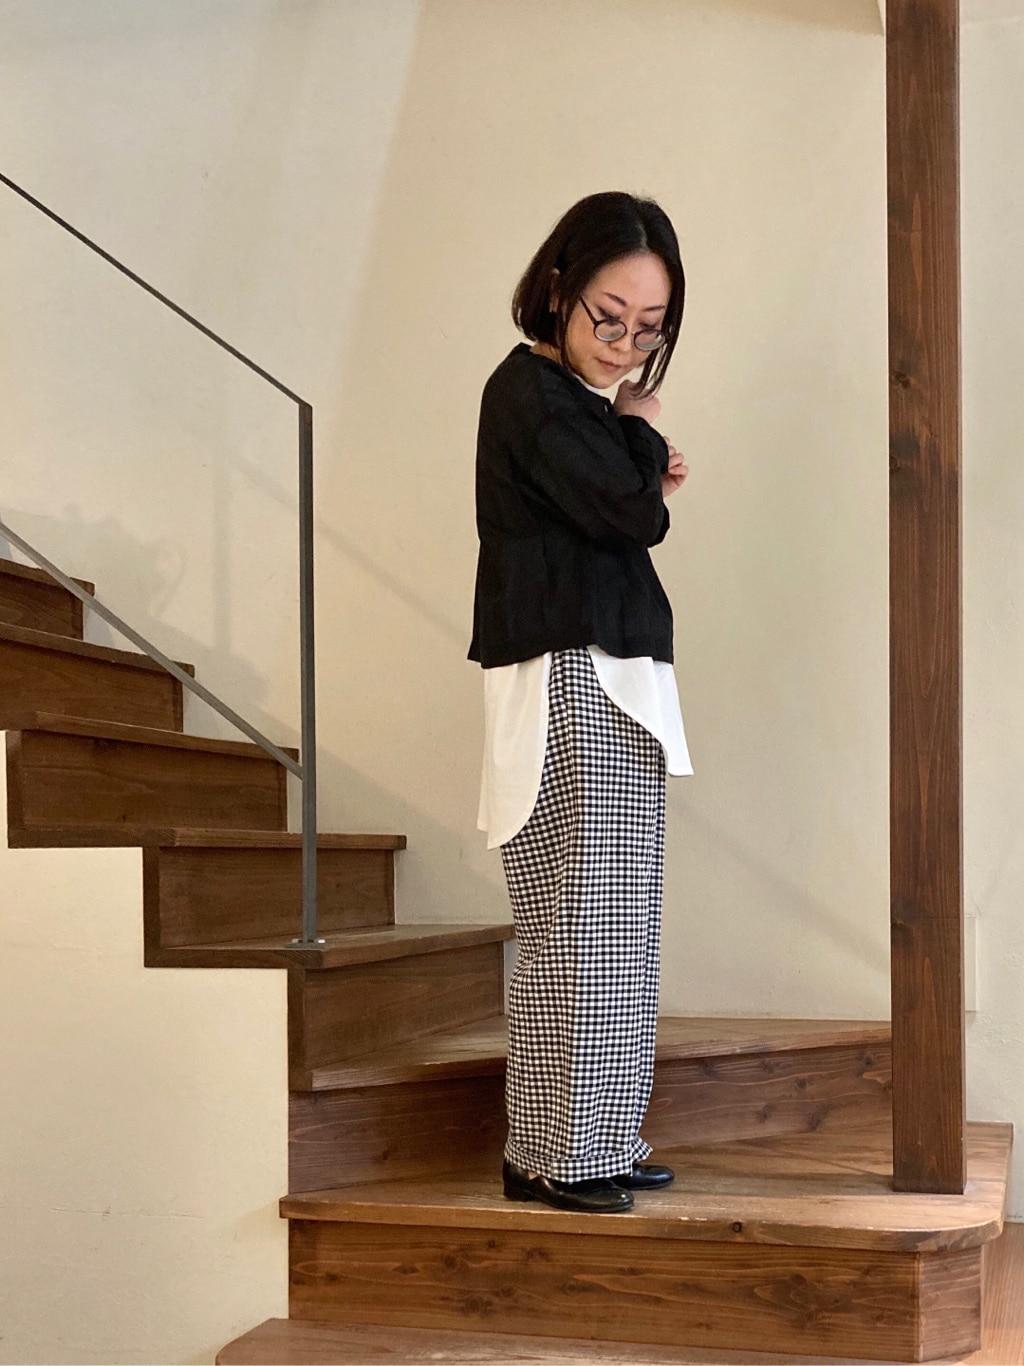 yuni 京都路面 身長:152cm 2021.04.07